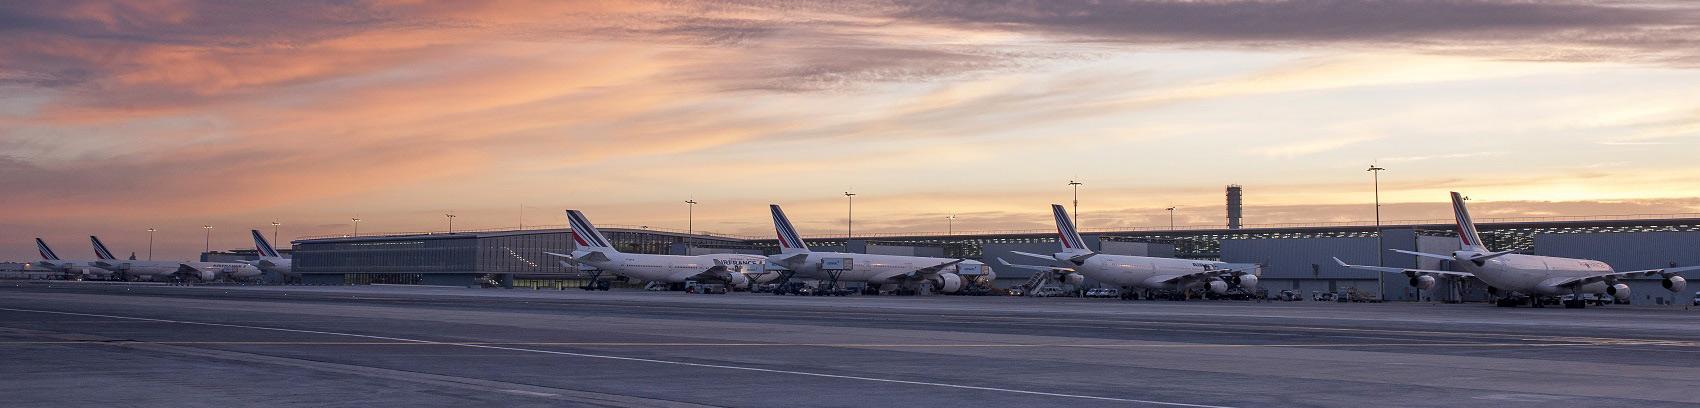 Suivi Des Vols En Direct Paris Aéroport